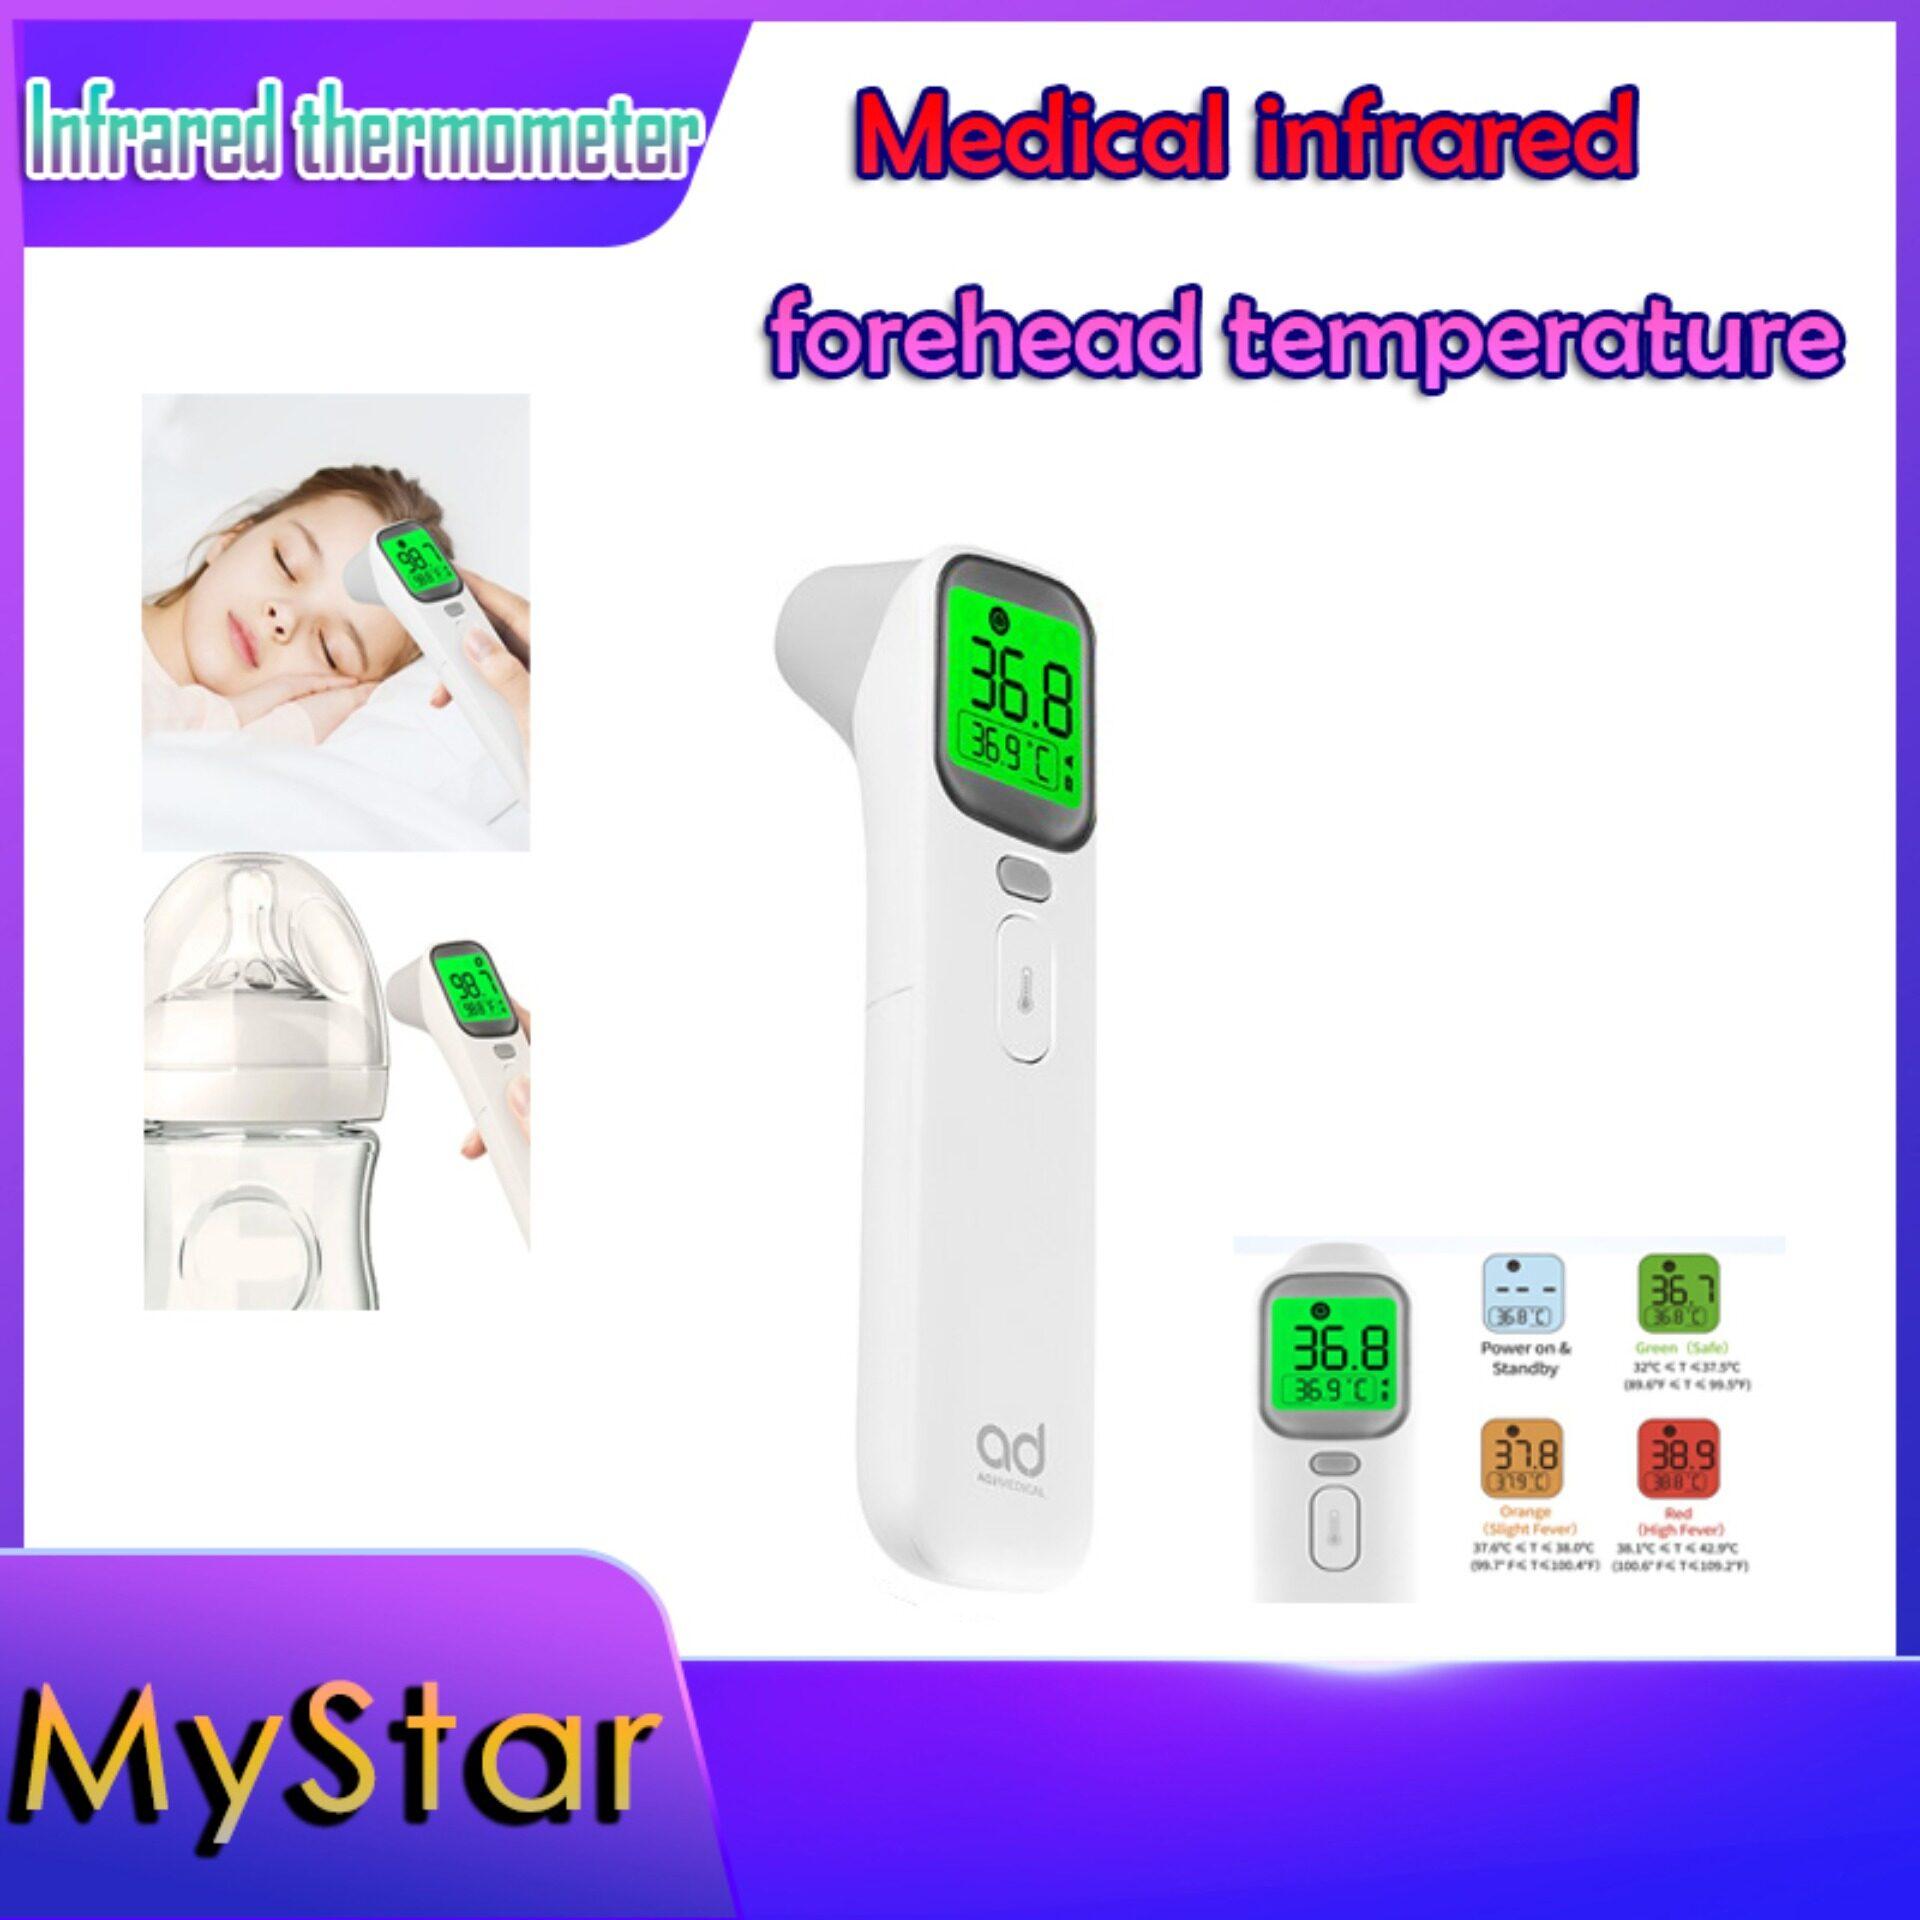 เครื่องวัดอุณหภูมิ Medical infrared forehead temperature